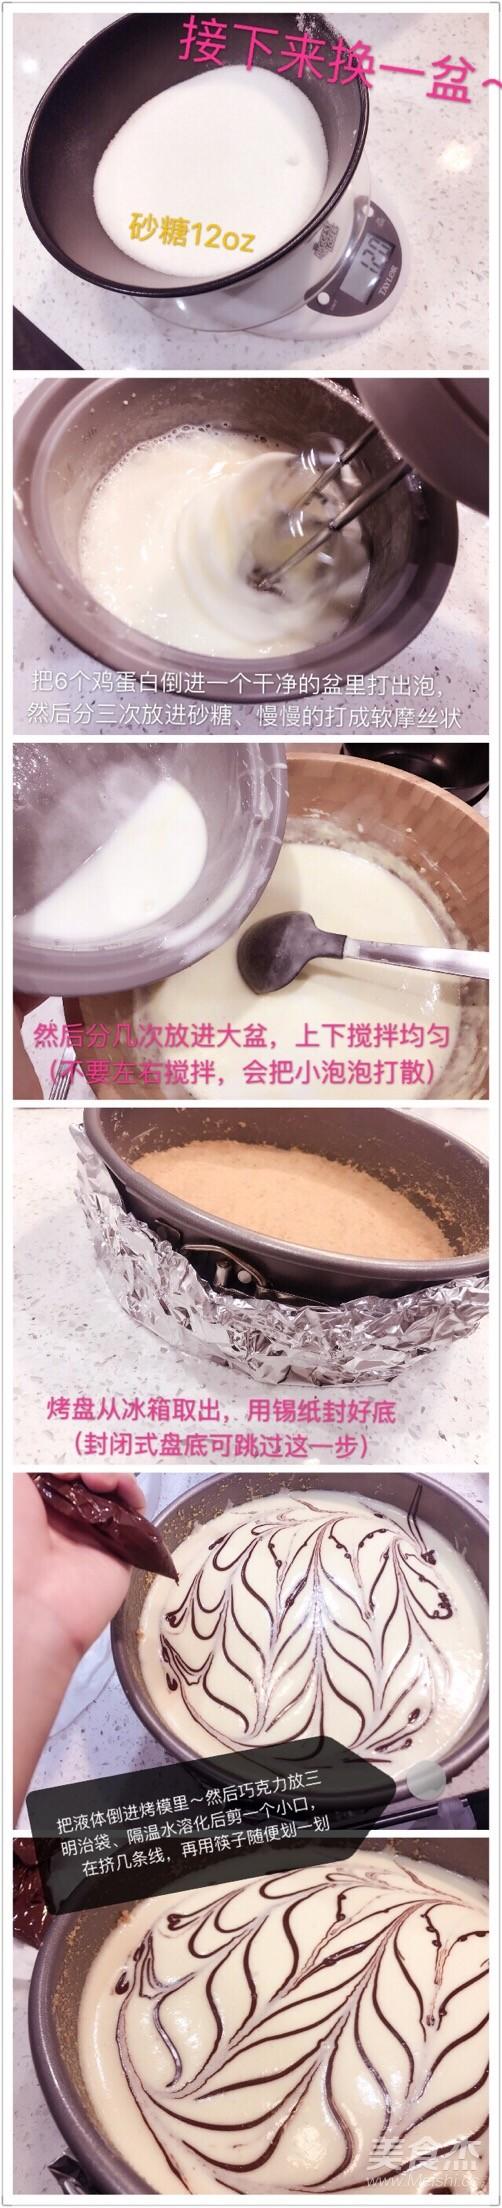 大理石纹芝士蛋糕的简单做法